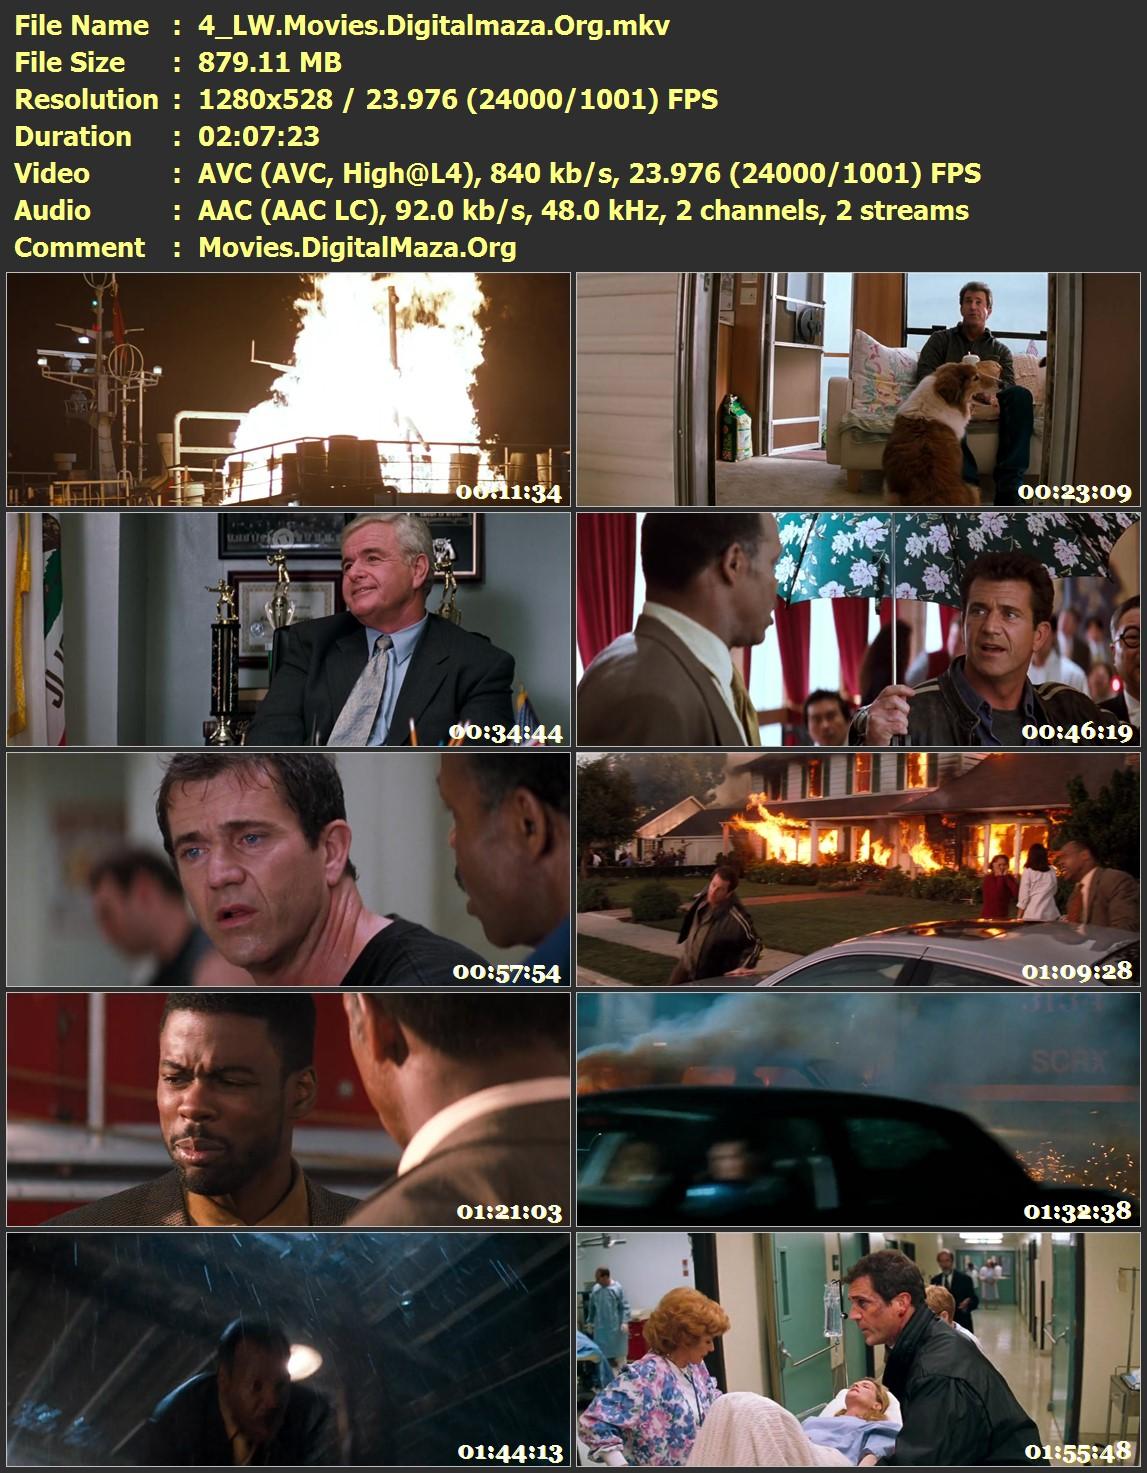 https://image.ibb.co/hZChNc/4_LW_Movies_Digitalmaza_Org_mkv.jpg